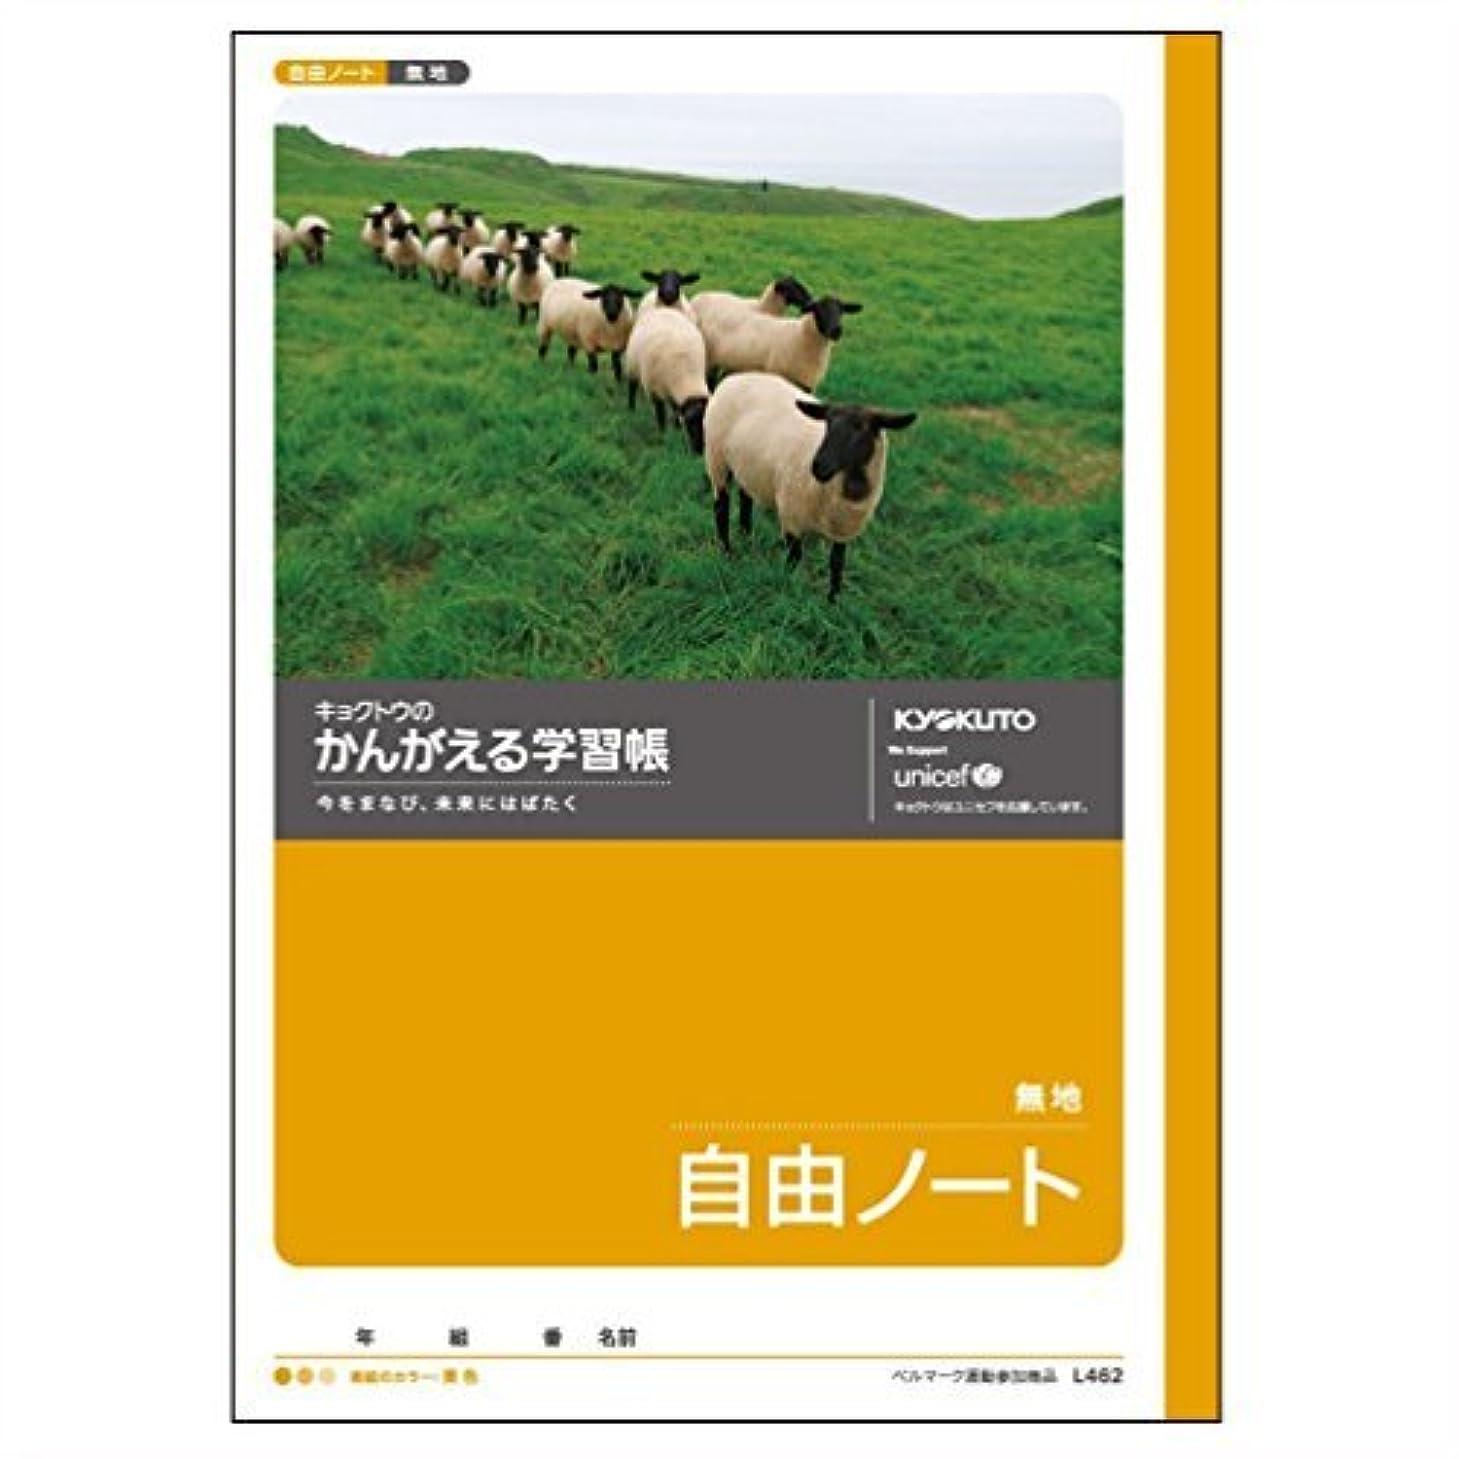 達成する十二農民キョクトウアソシエイツ L462 自由ノート おまとめセット【3個】